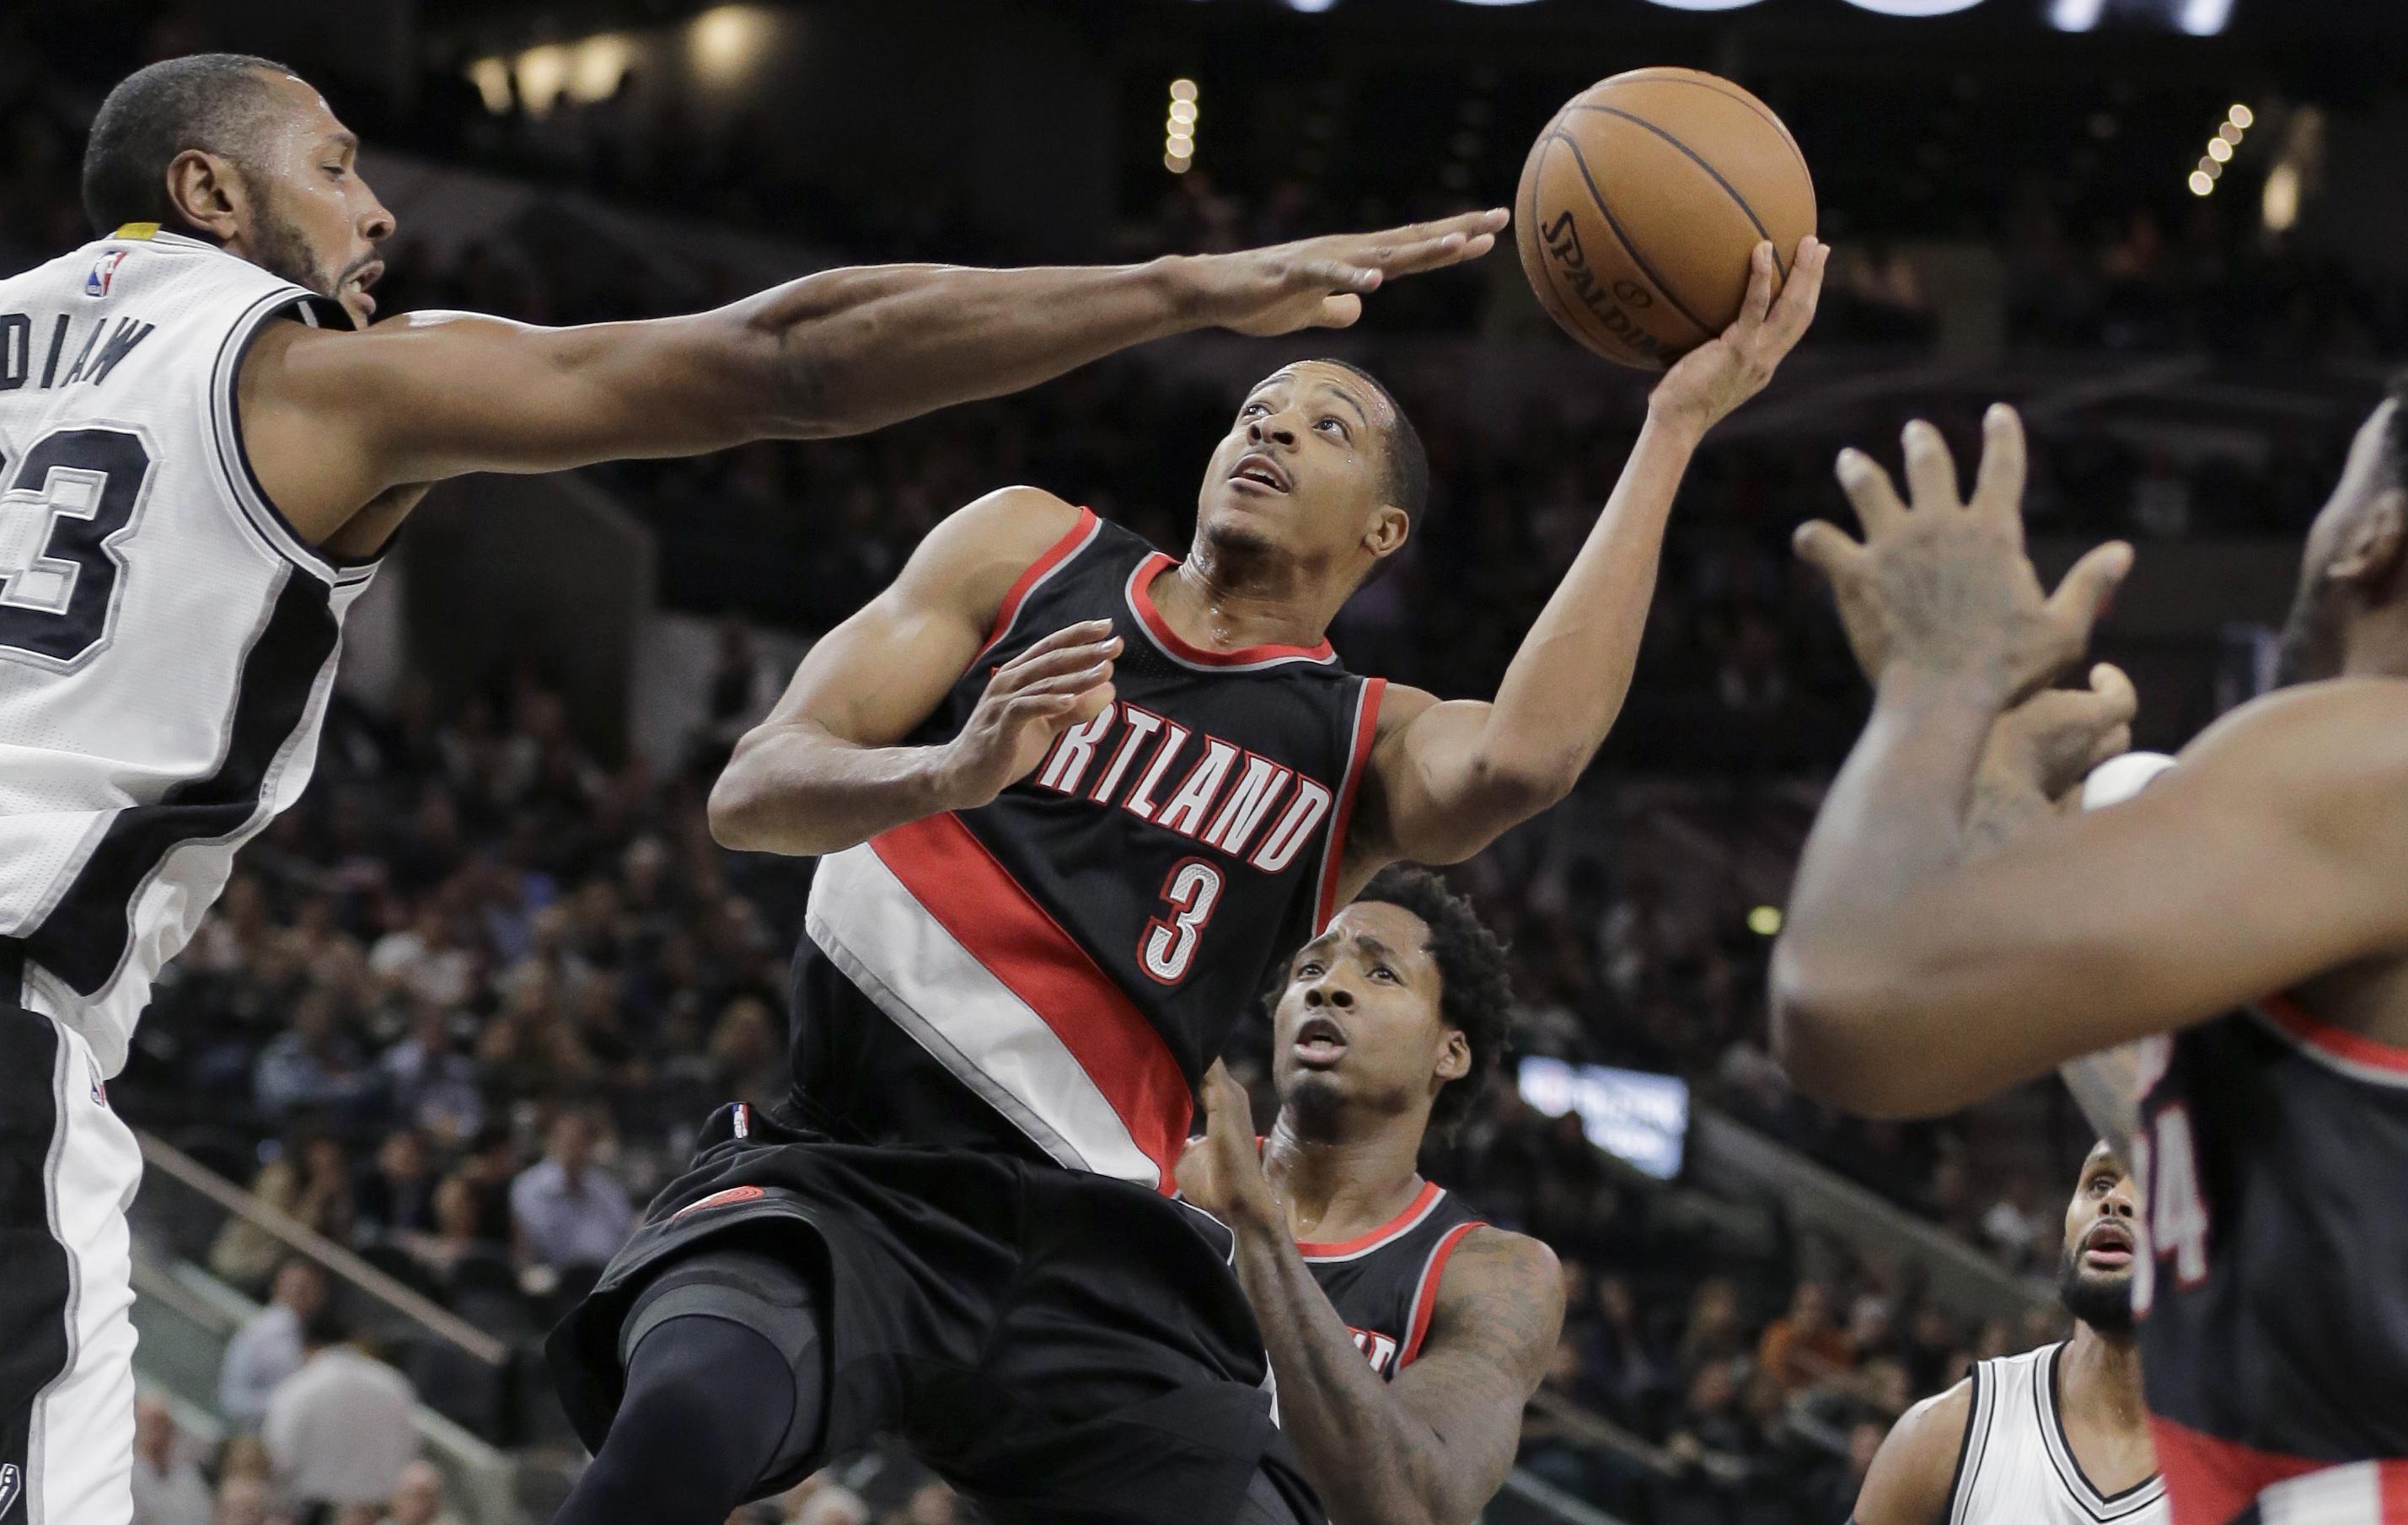 Basket - NBA - Diaw brille avec les Spurs, Houston inqui�te